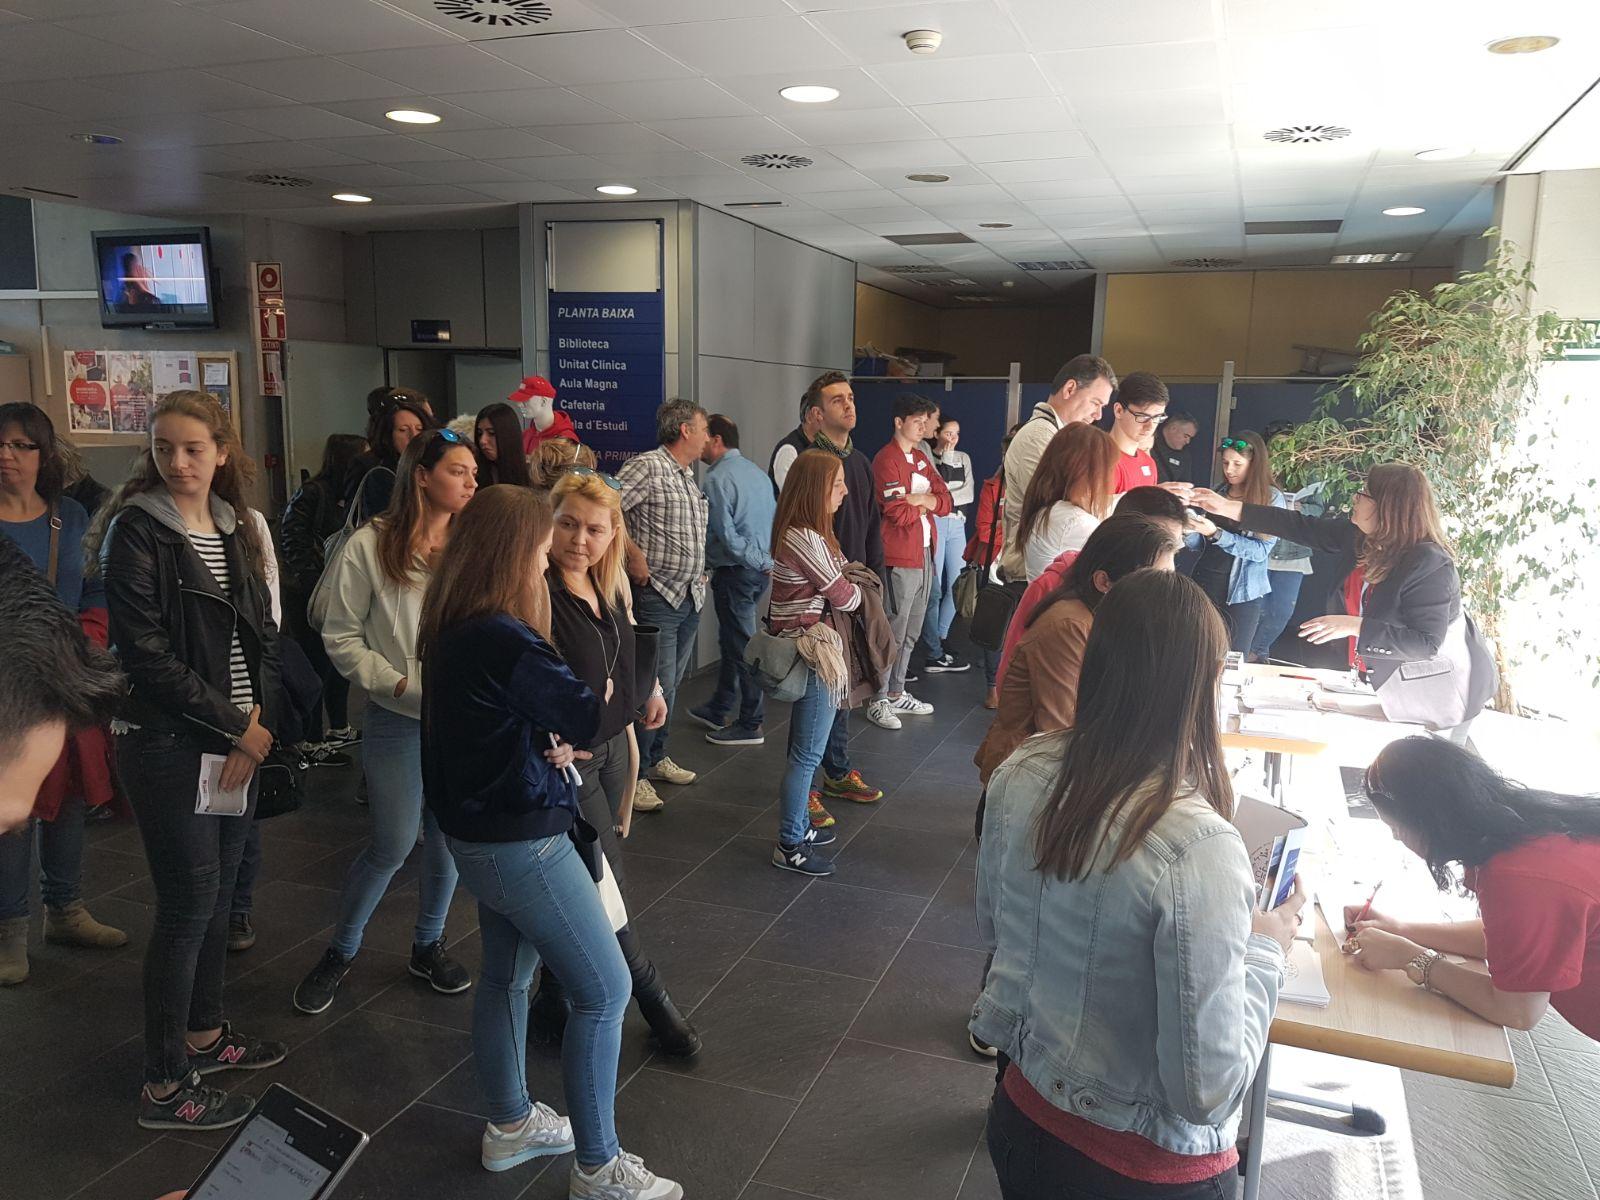 Bona afluència d'estudiants en la Jornada de Portes Obertes per als graus d'EUSES i els cicles formatius del Centre Garbí